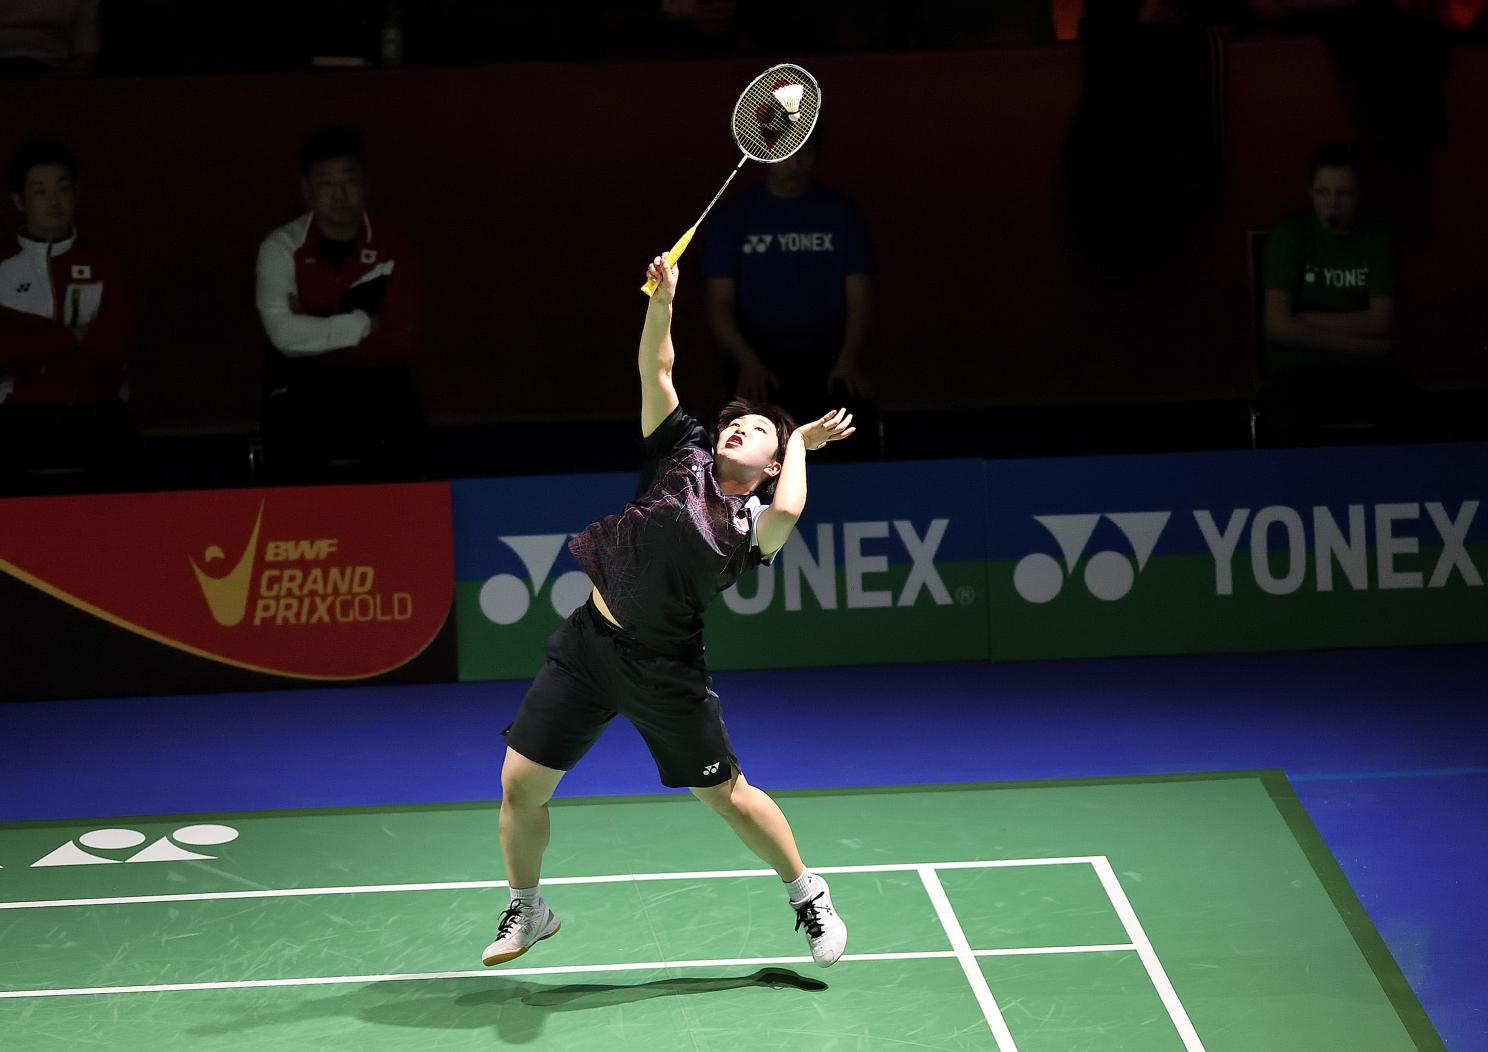 Starke Frauenpower aus Japan: Akane Yamaguchi. Sie steht im Halbfinale des Dameneinzels